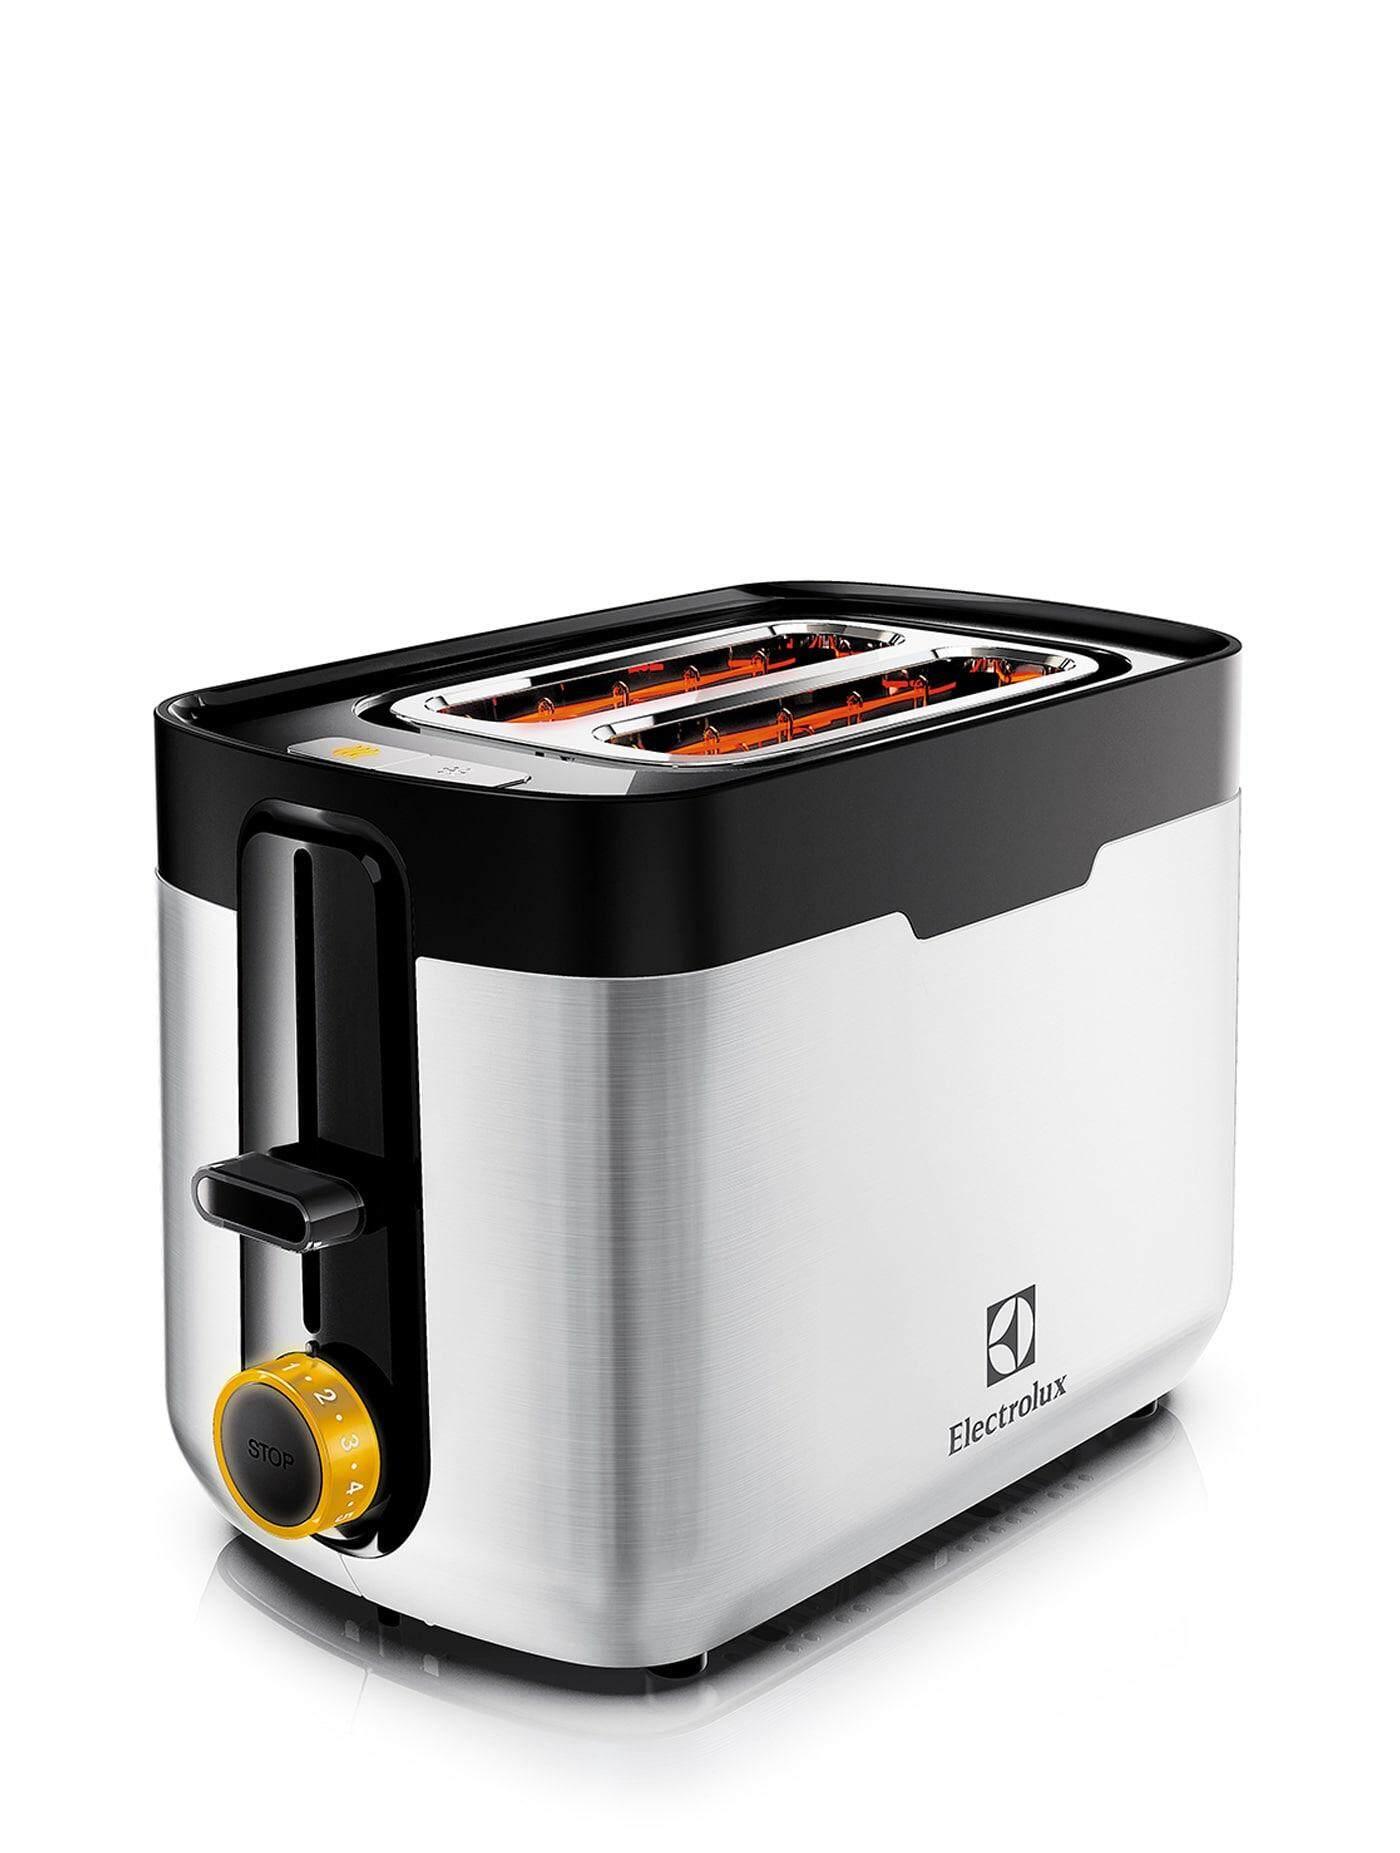 ยี่ห้อนี้ดีไหม  นครปฐม ELECTROLUX เครื่องปิ้งขนมปัง รุ่น ETS5604S สีสเตนเลส toasters sandwich makers